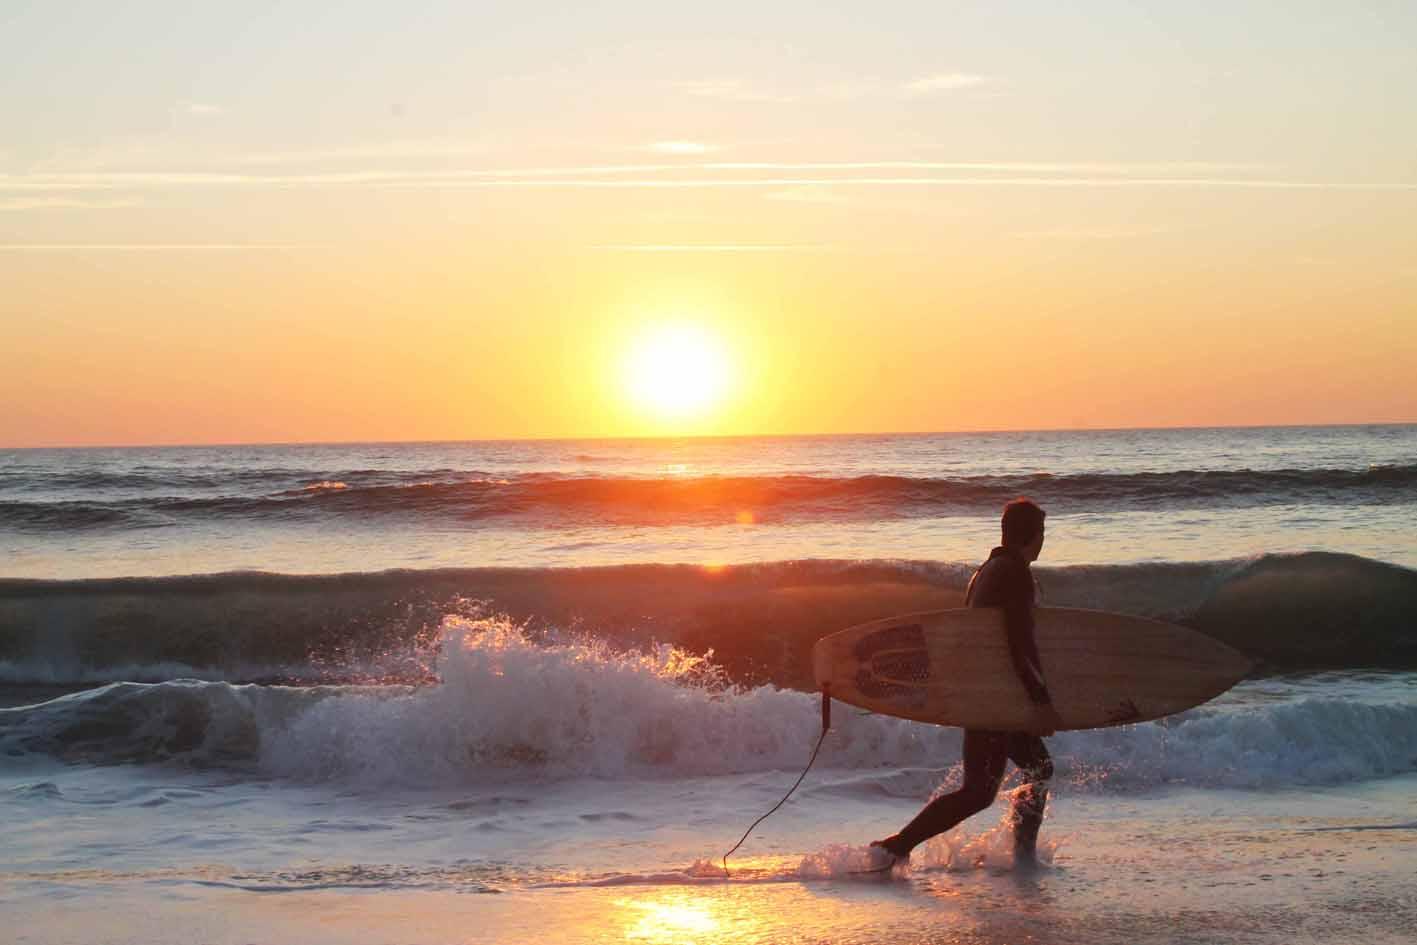 Surfen heißt eins sein mit der Natur, dem Meer und den Wellen